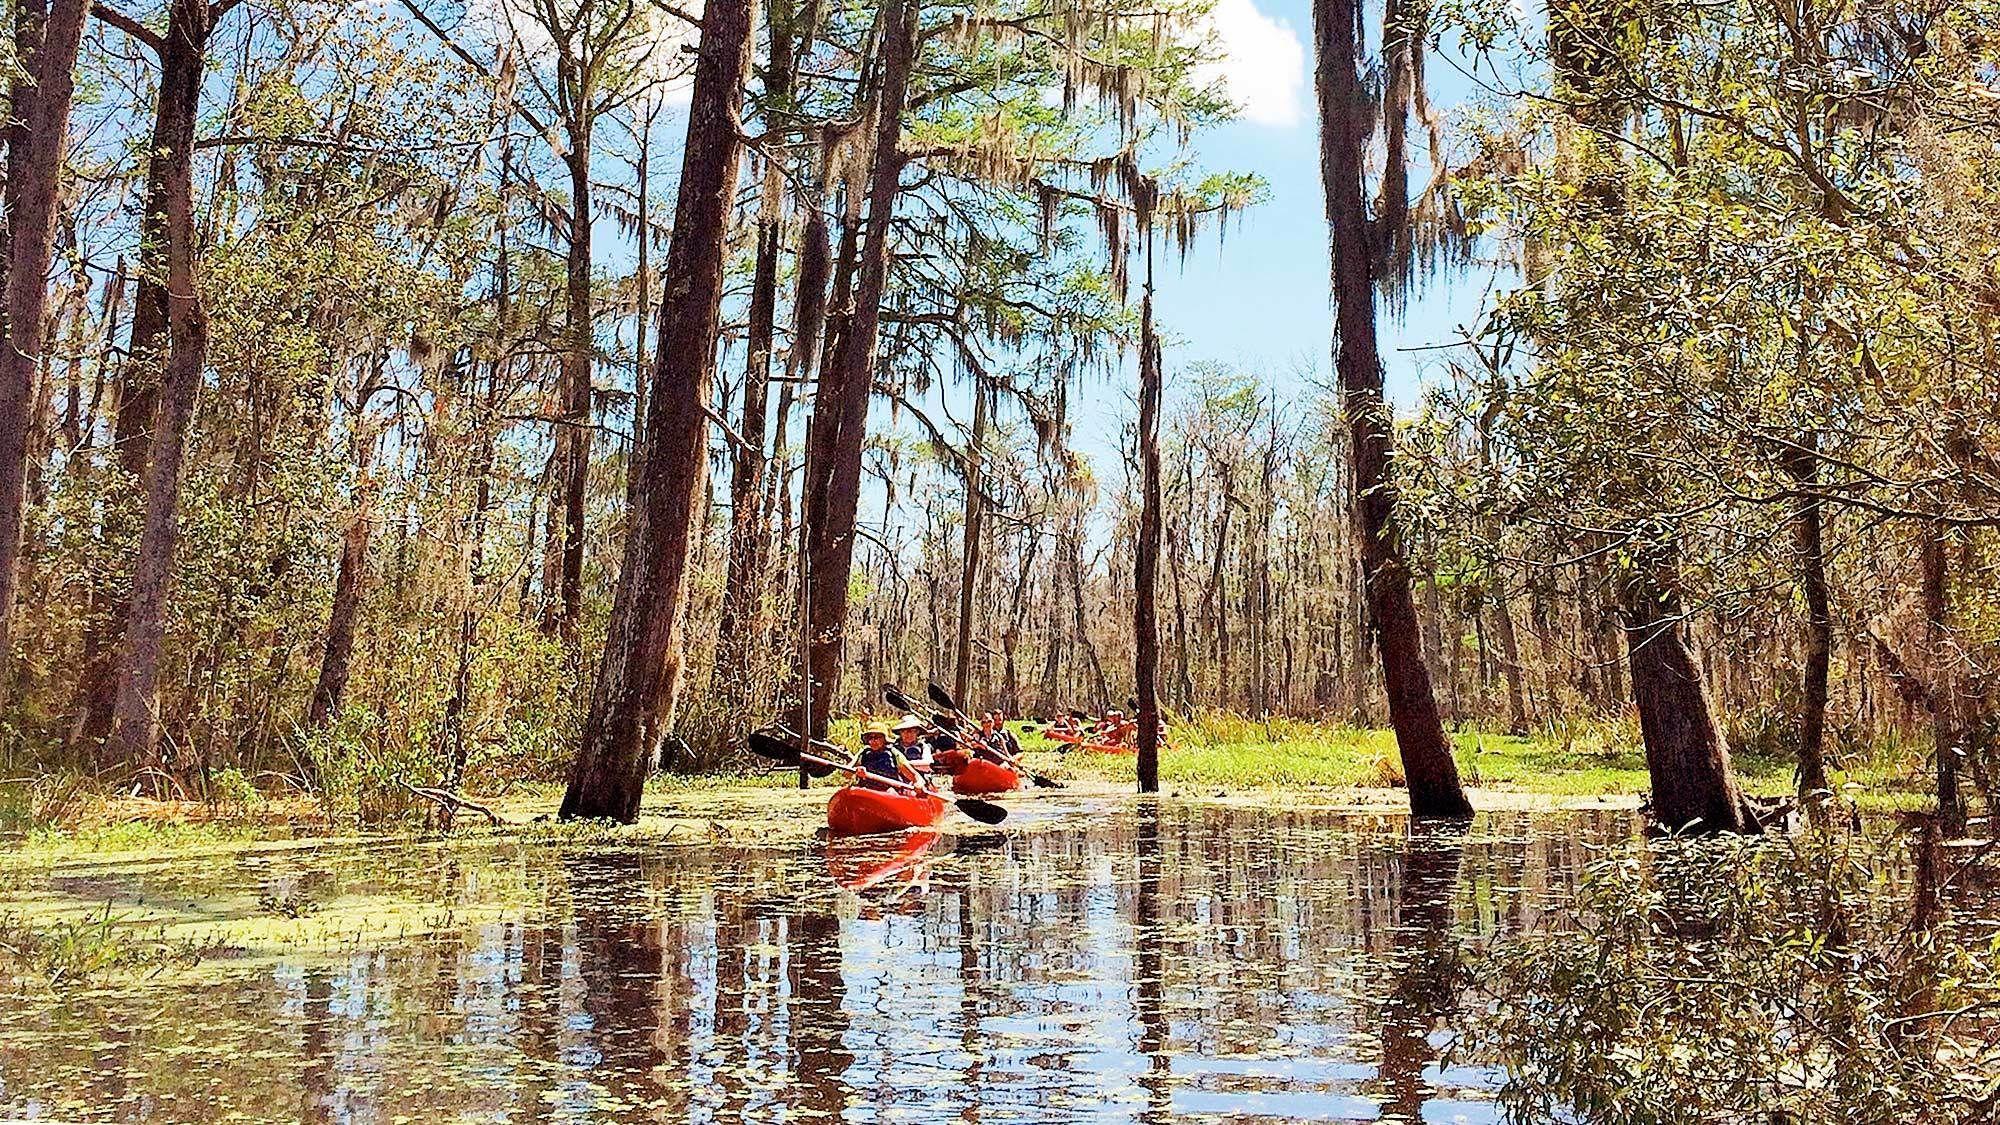 Gorgeous views on the Manchacystic Kayak Tour